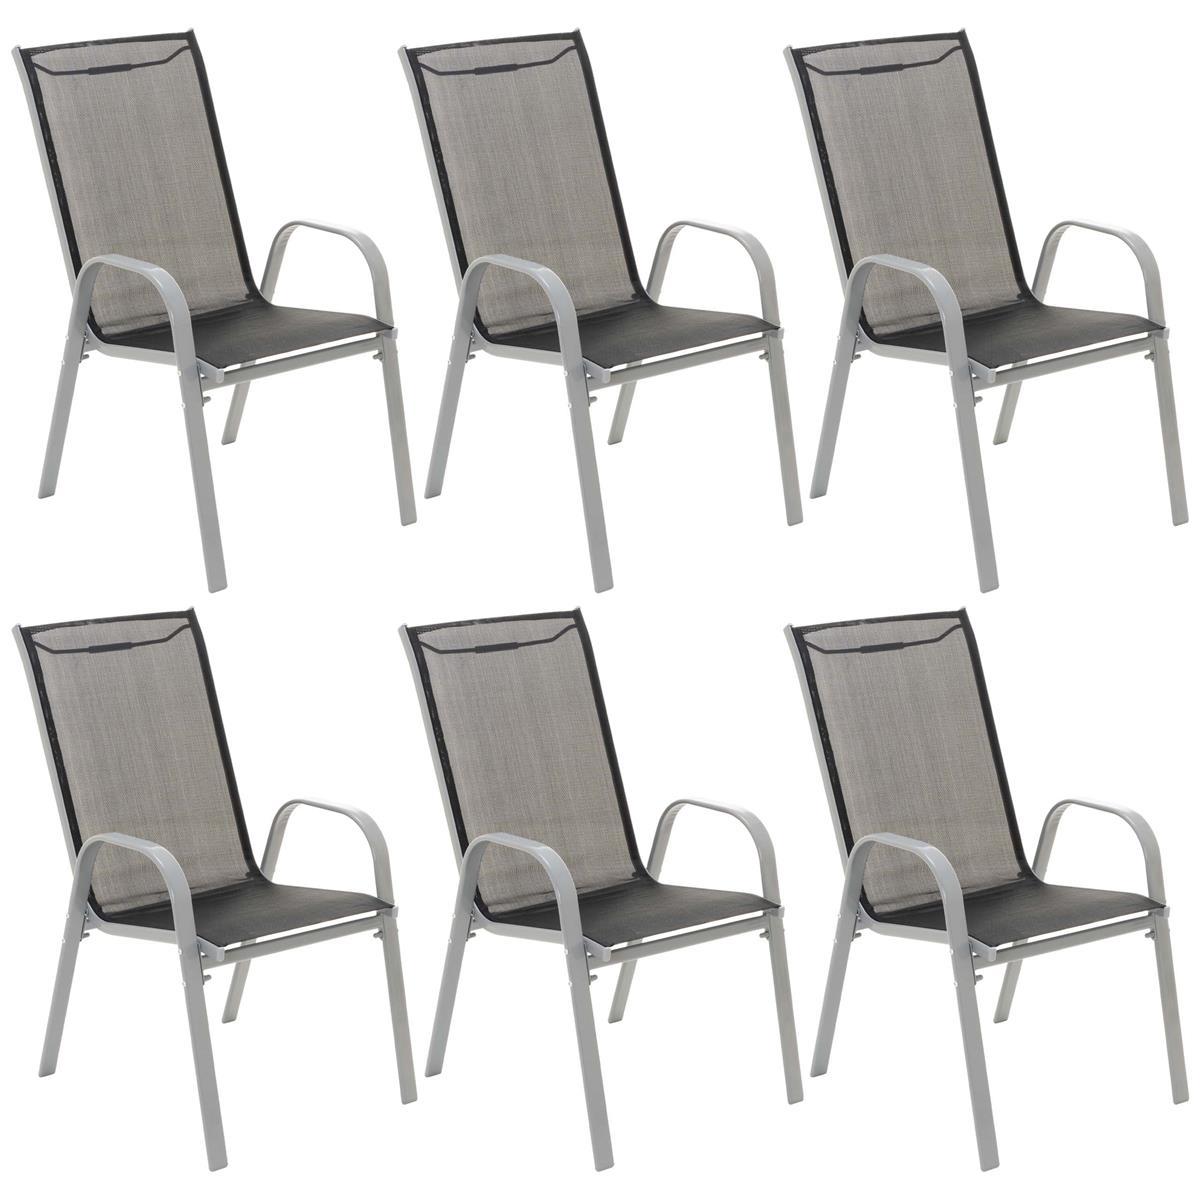 6er Set Gartenstuhl Stapelstuhl Stapelsessel Campingsessel schwarz Rahmen grau